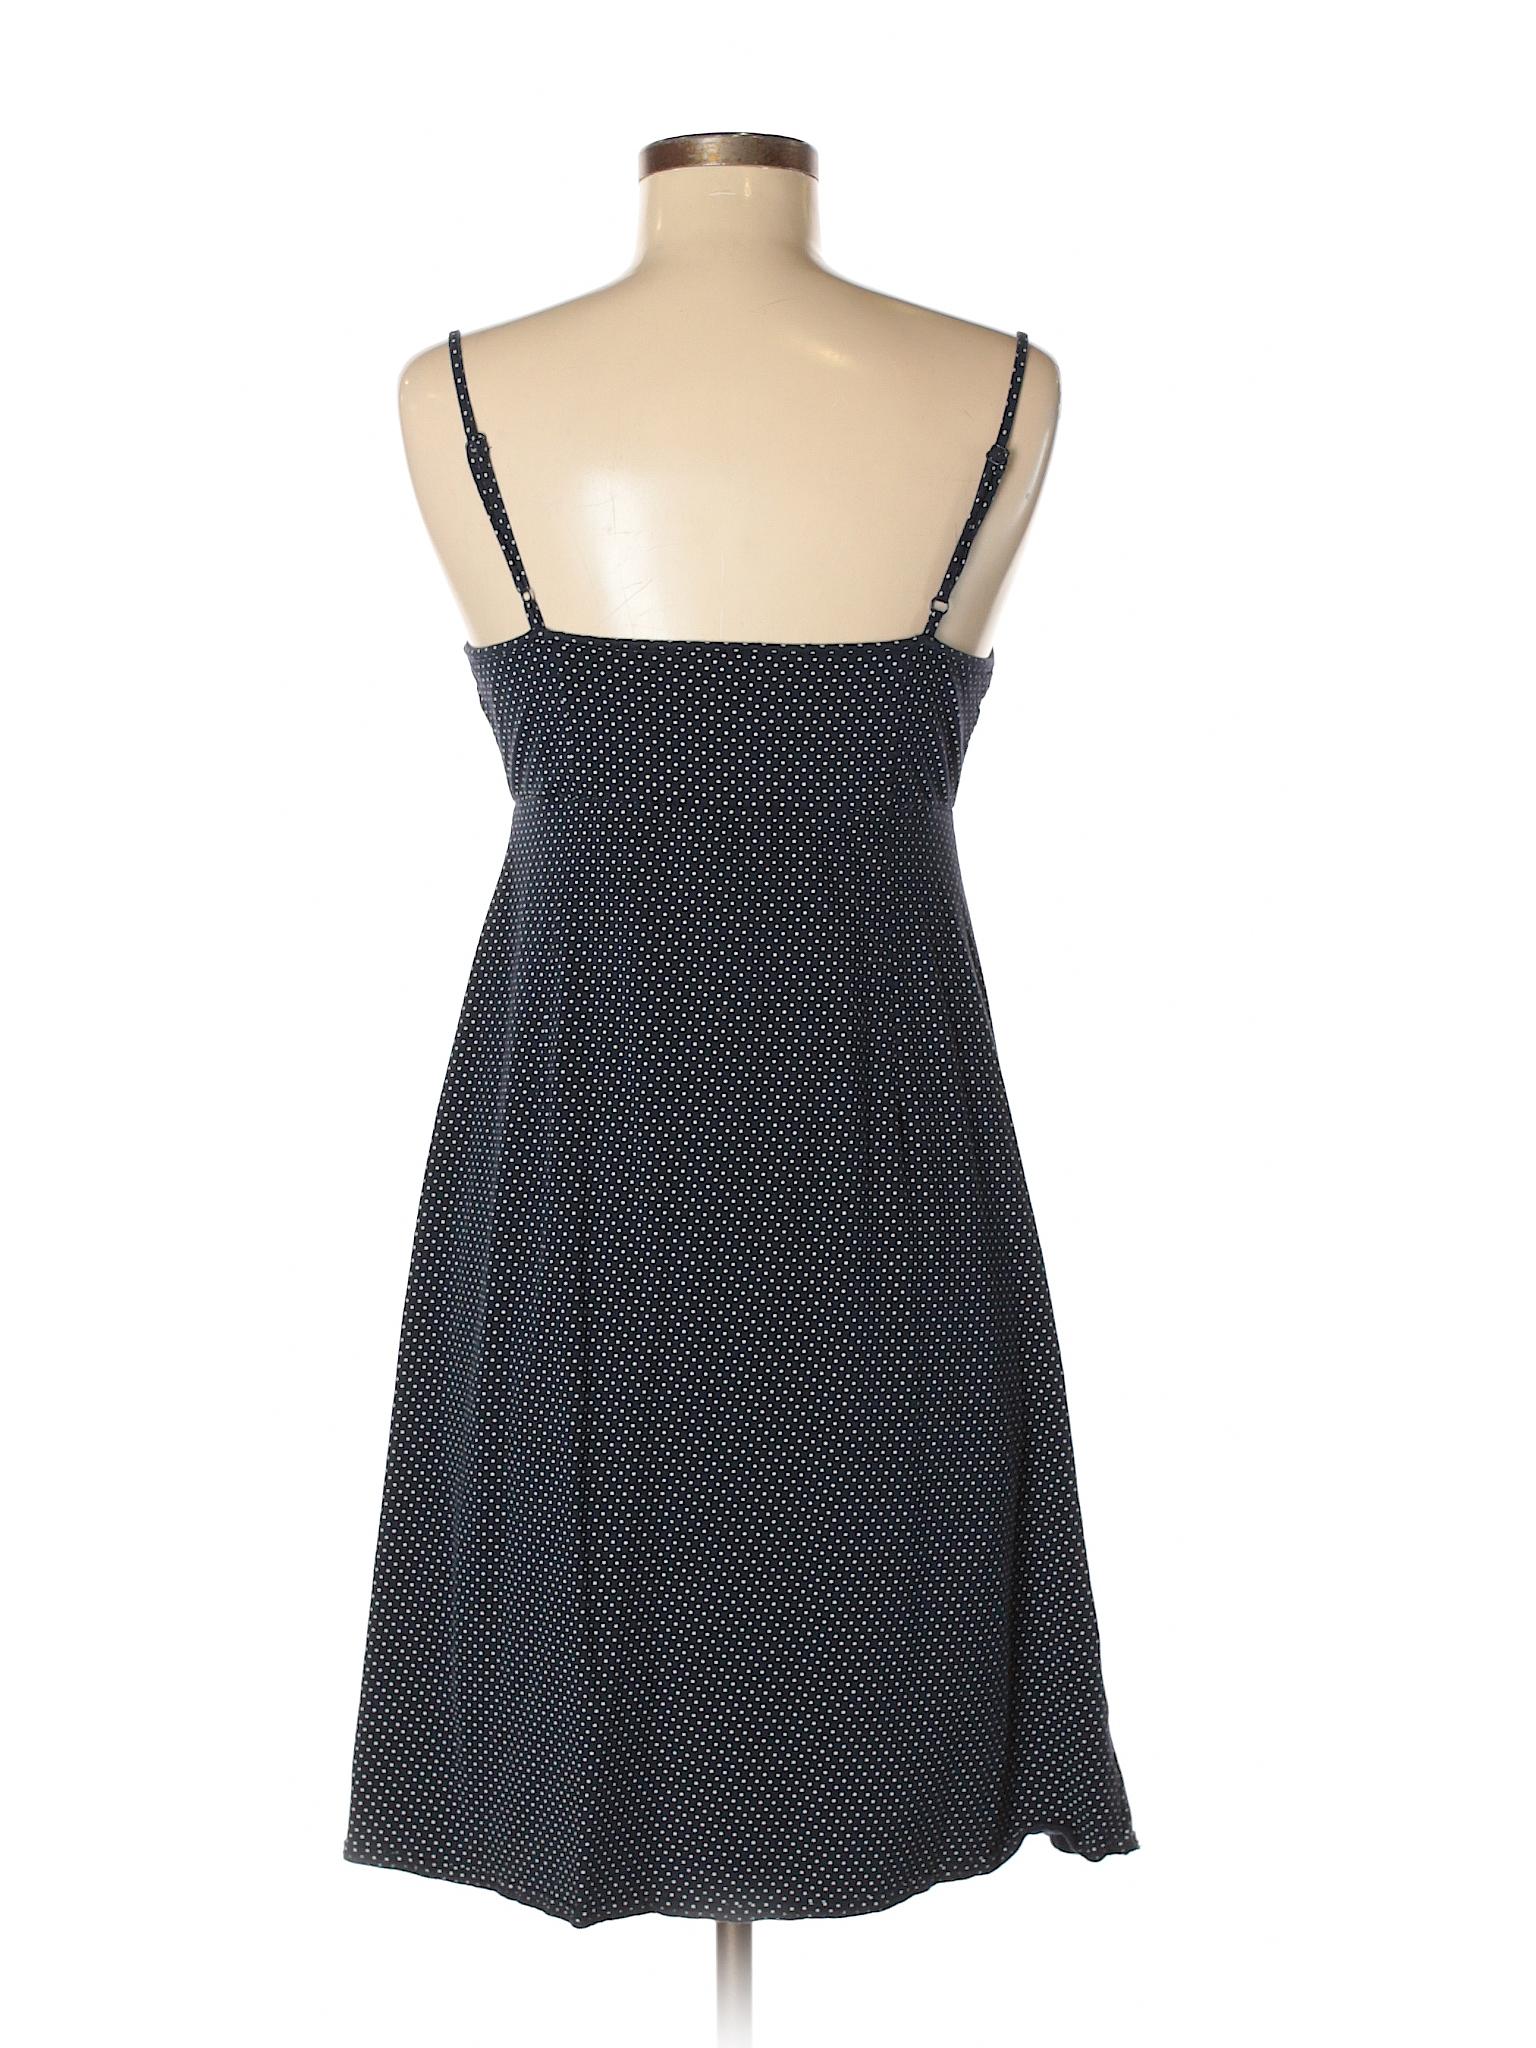 Dress Taylor LOFT Ann winter Casual Boutique FqfSX6wF